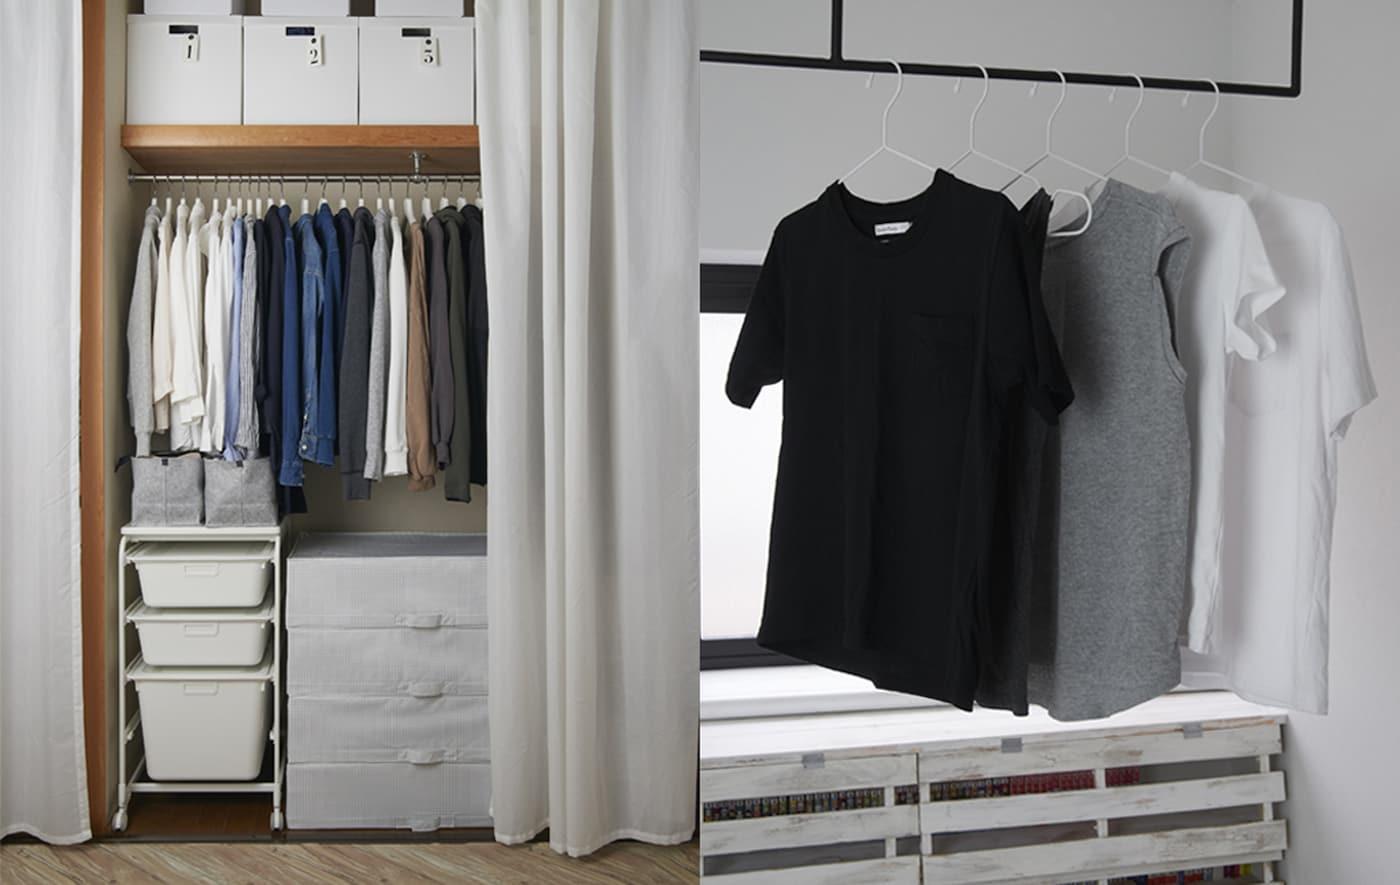 Ein offener Kleiderschrank in einer Nische, u. a. mit Kleiderstange, Regal und Boxen. Vor dem Fenster sind T-Shirts an einer Stange hängend zu sehen.